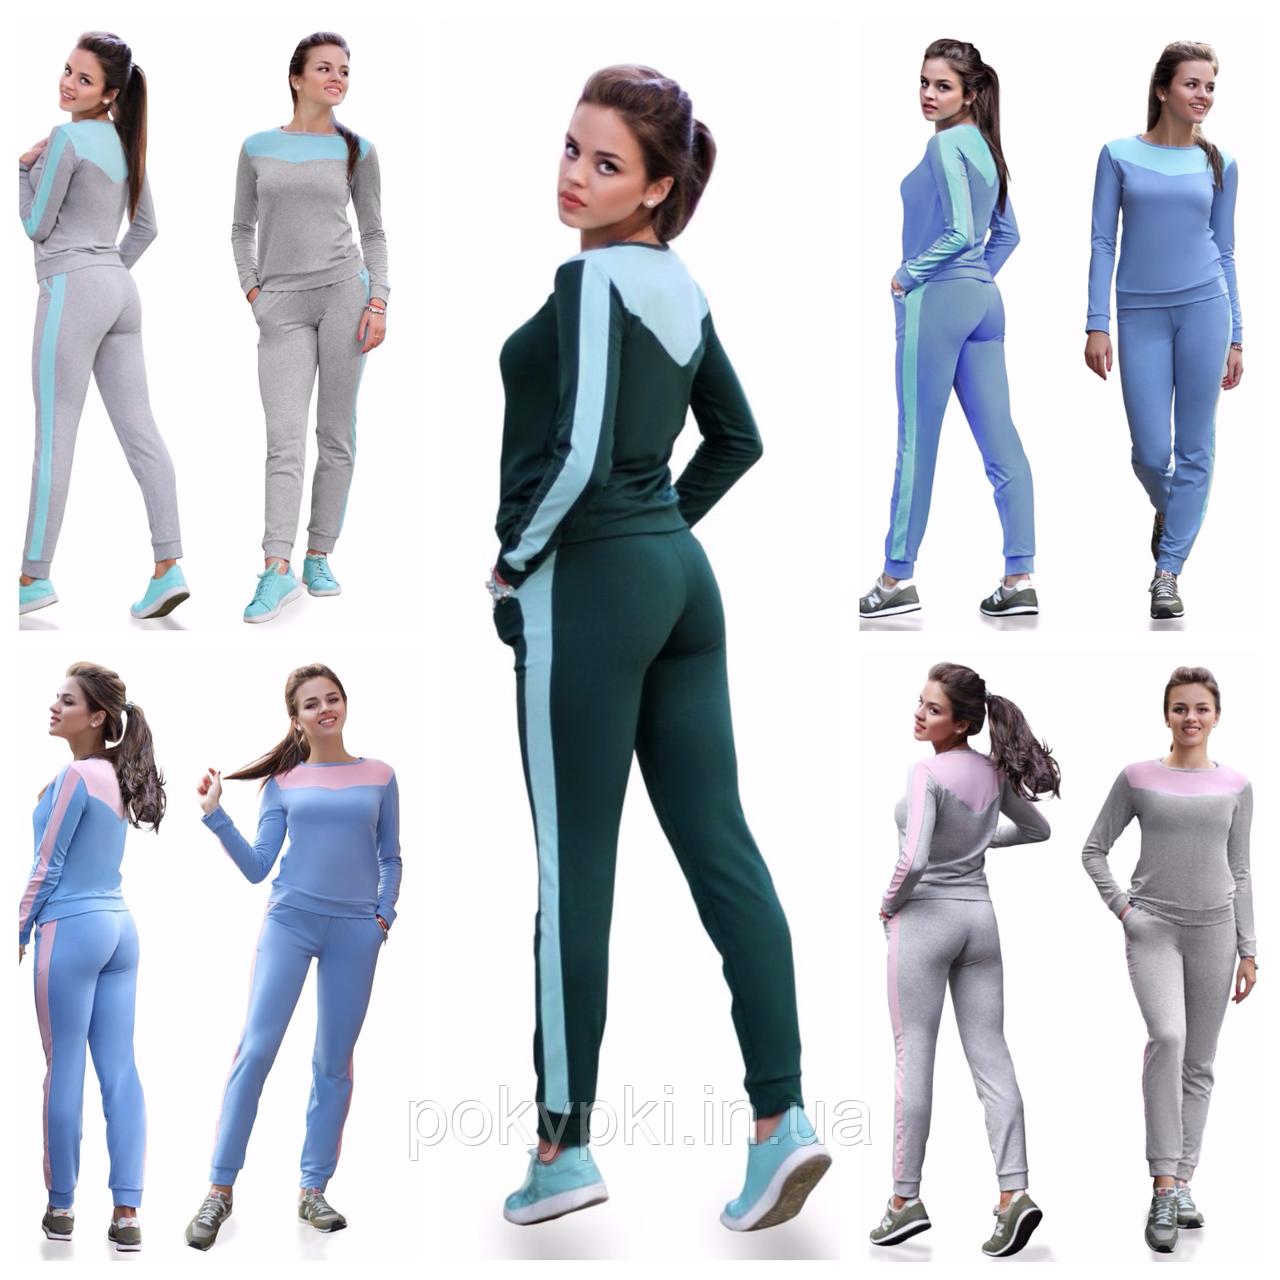 ddcb443b Женские спортивные костюмы оптом от производителя -